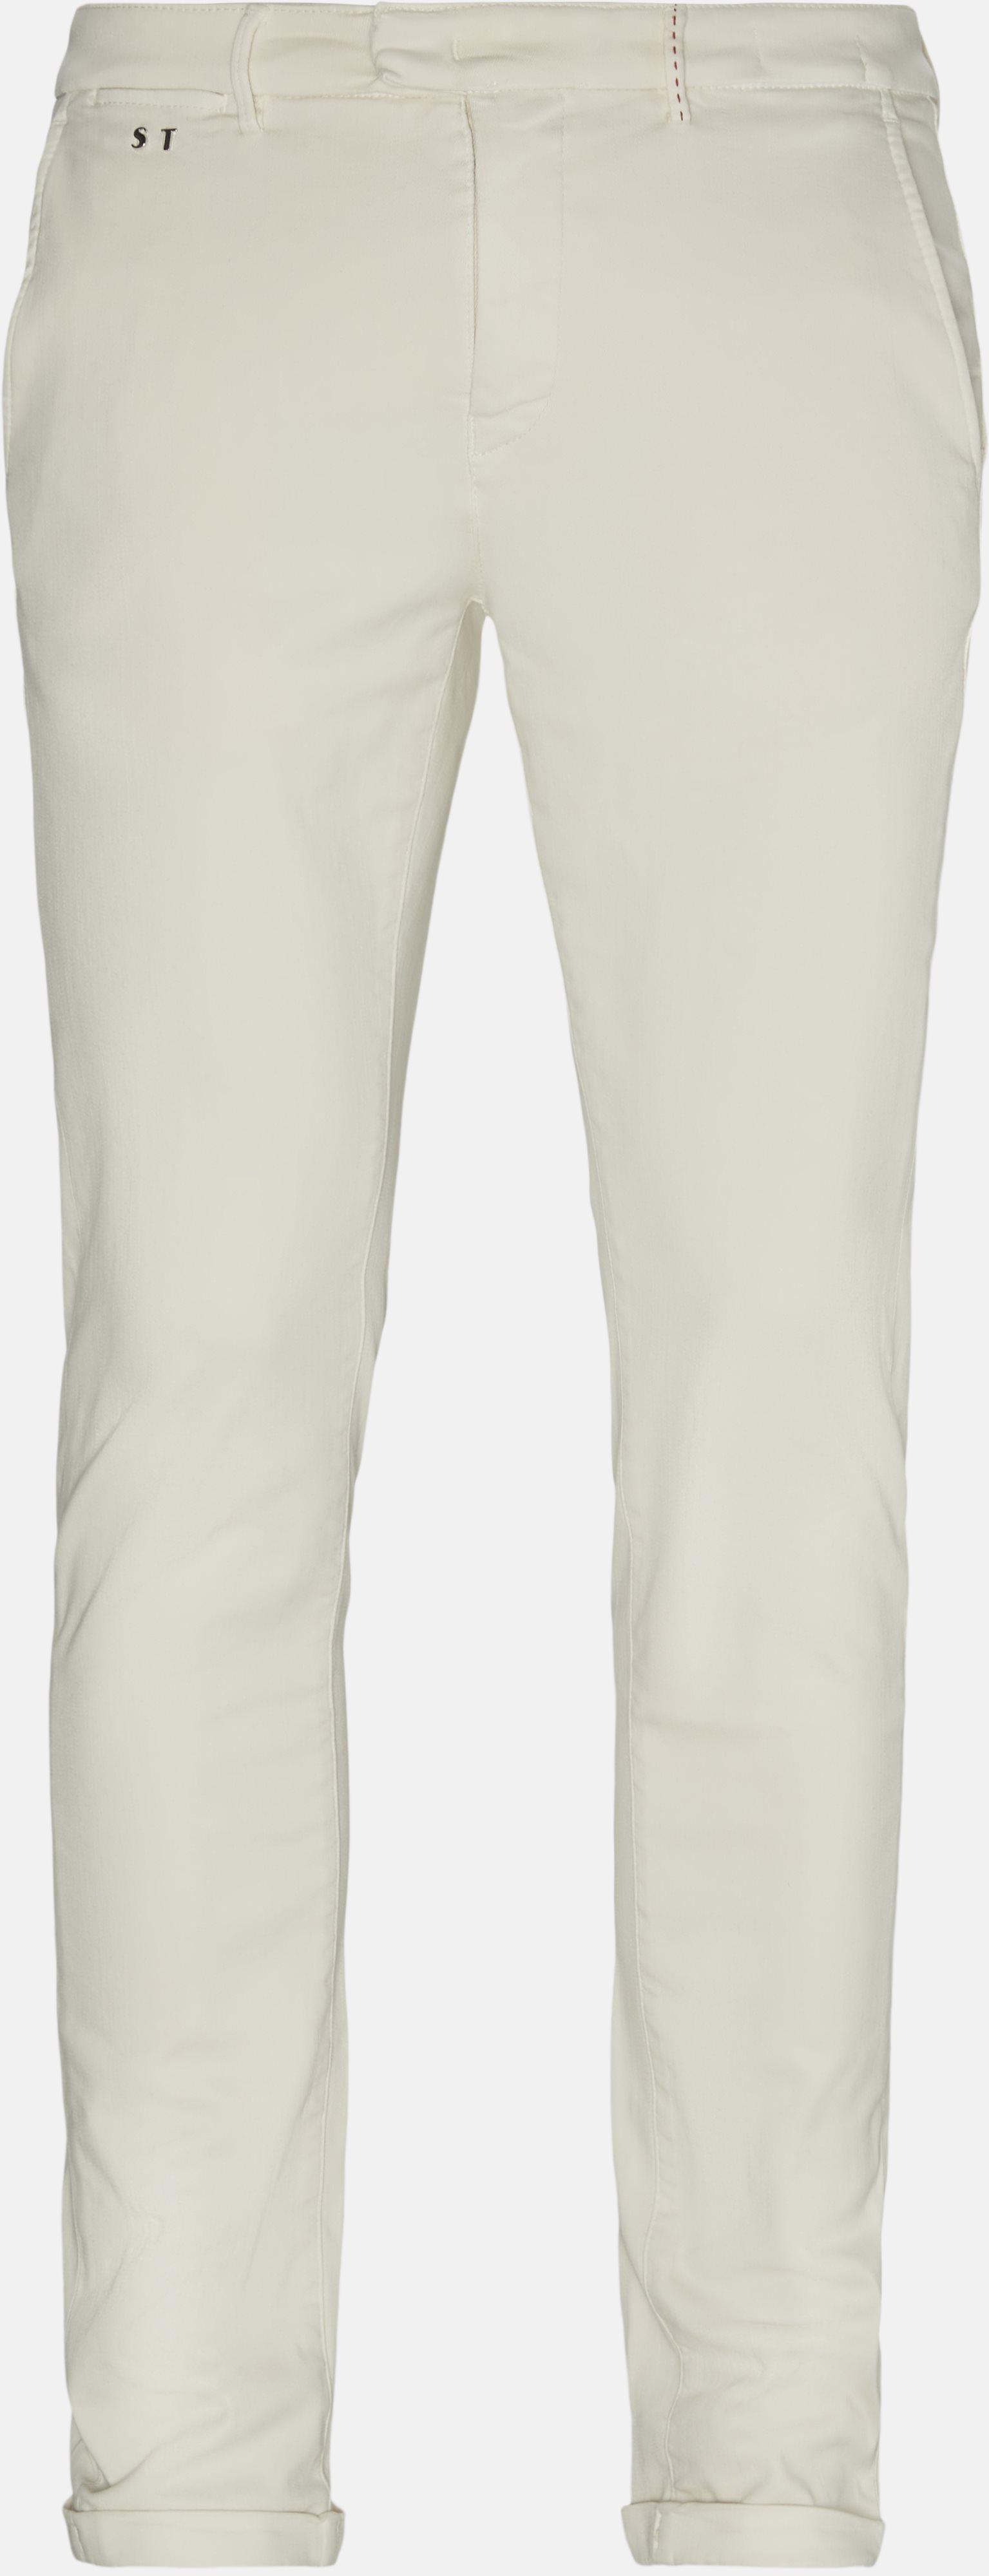 Bukser - Slim - Hvid